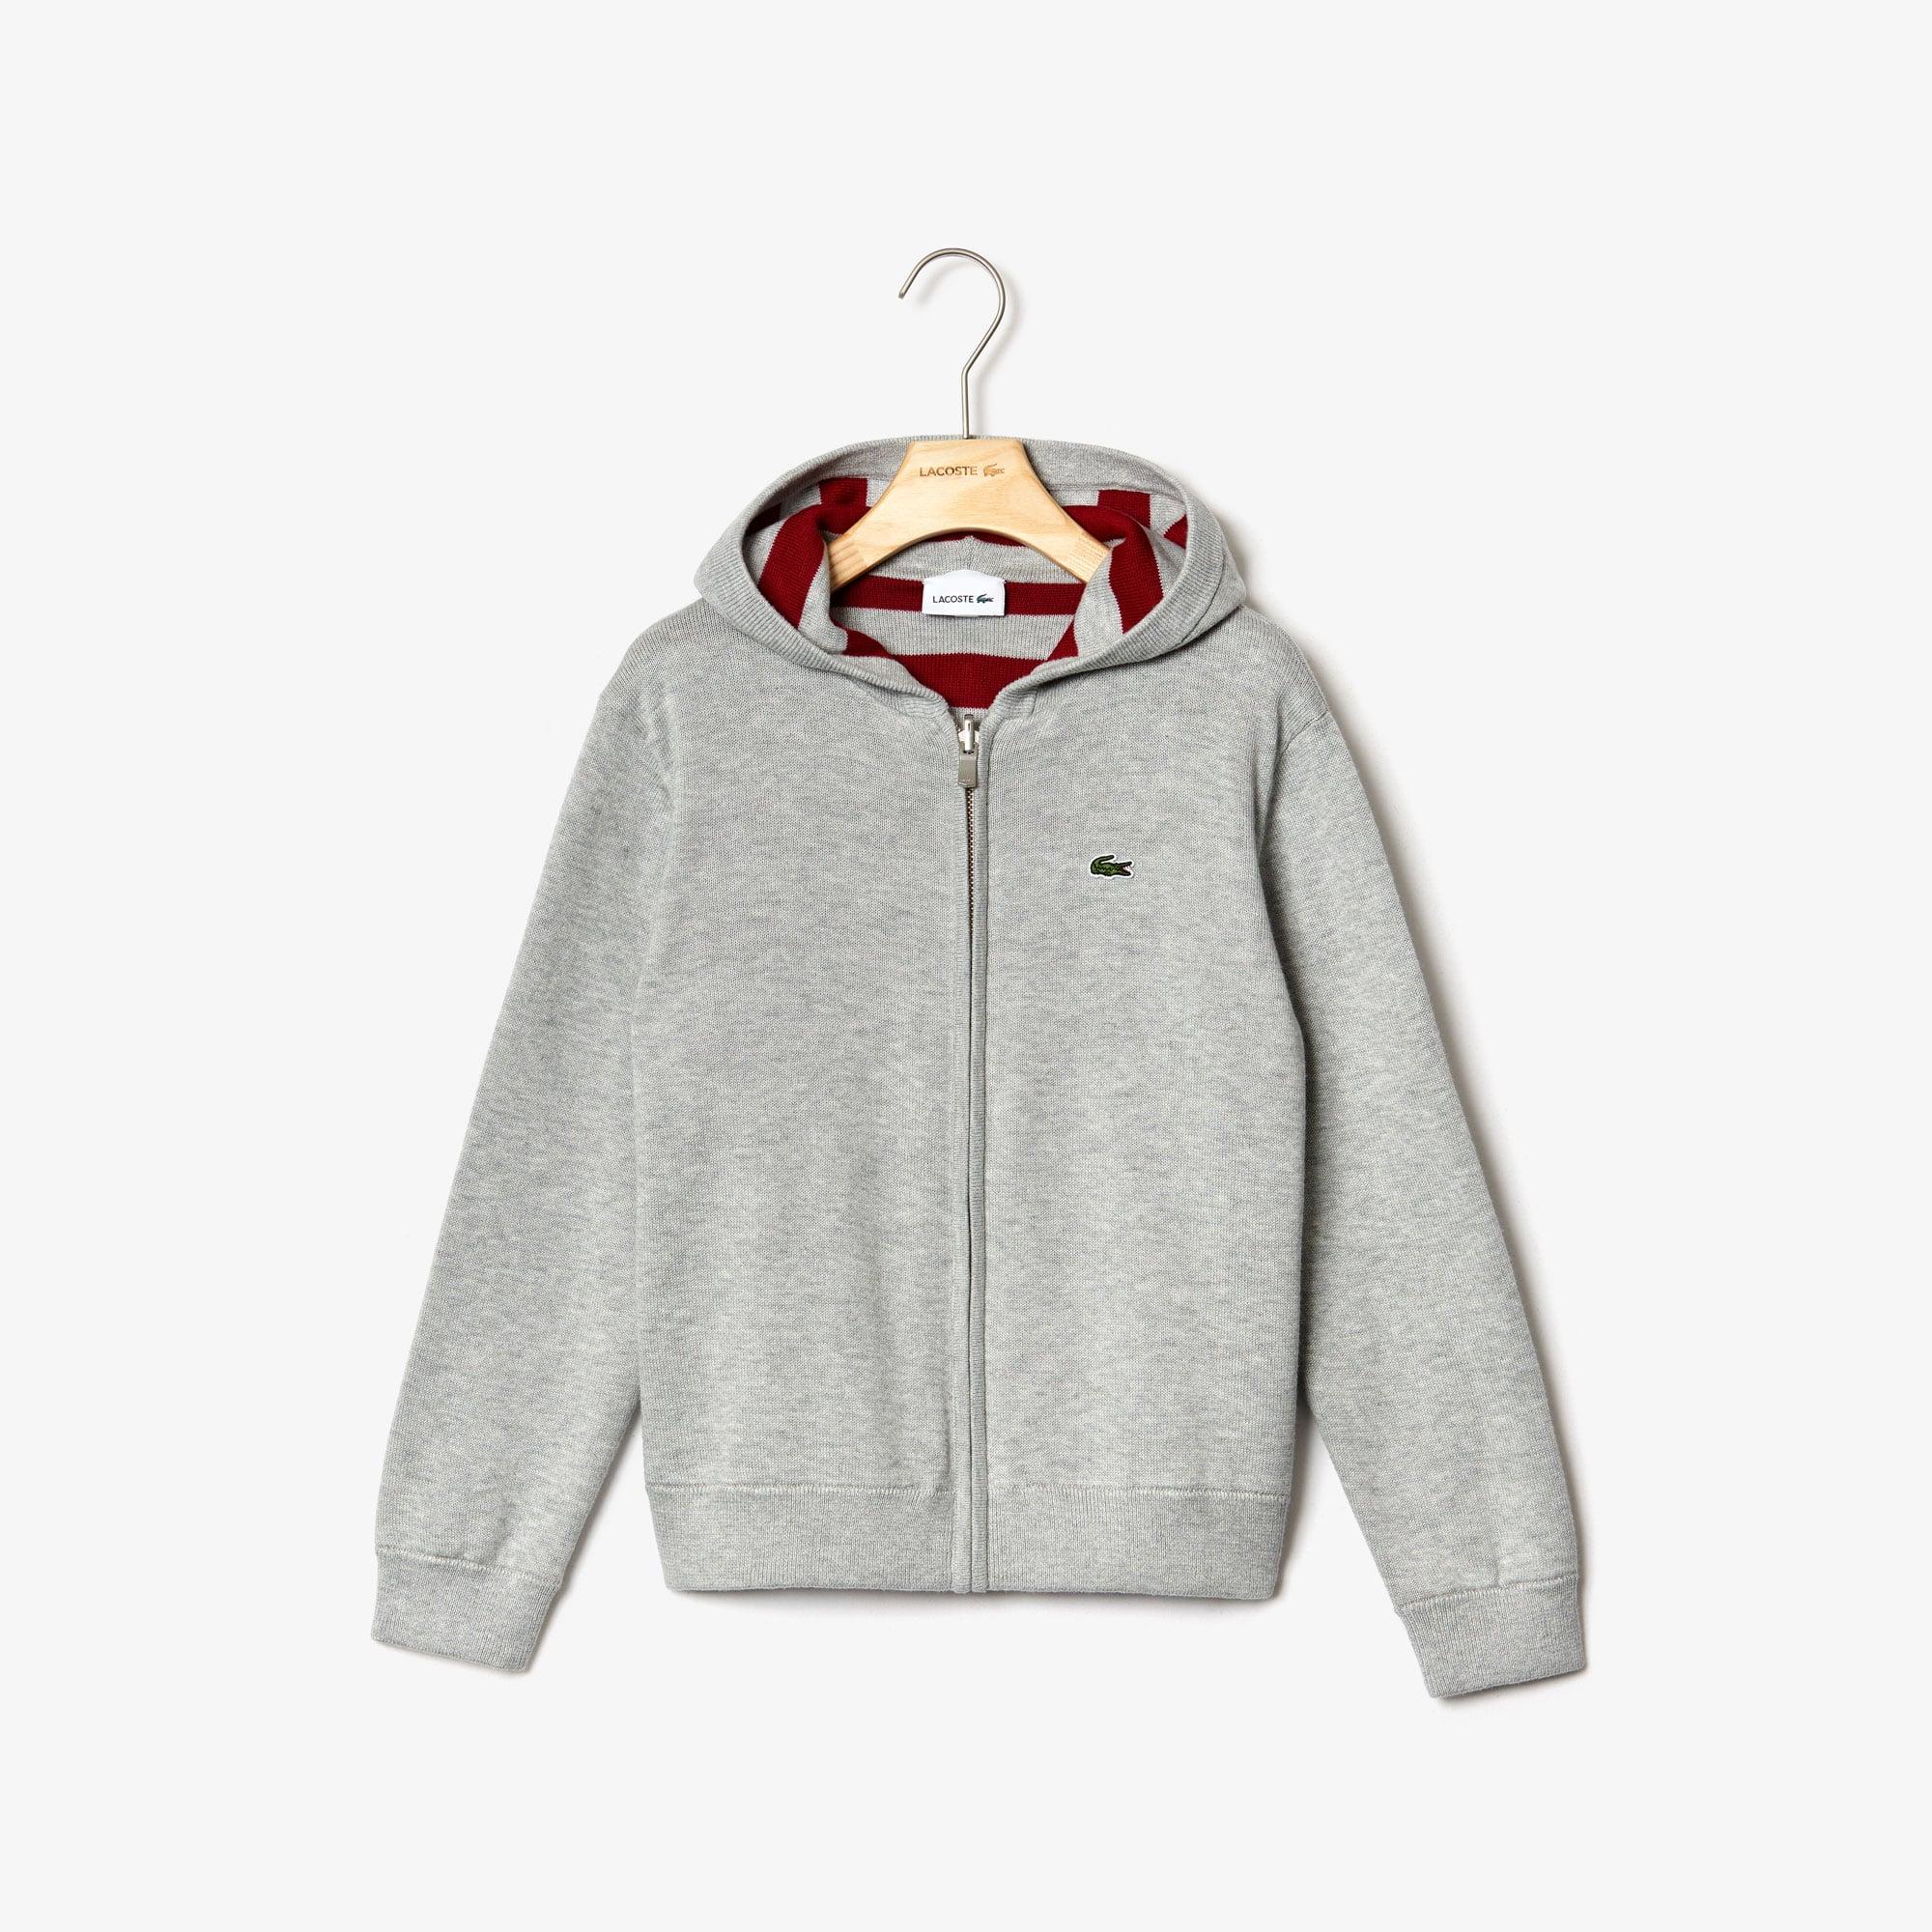 라코스테 Lacoste Boys Reversible Hooded Cotton Jacket,Grey Chine / Bordeaux • RRD